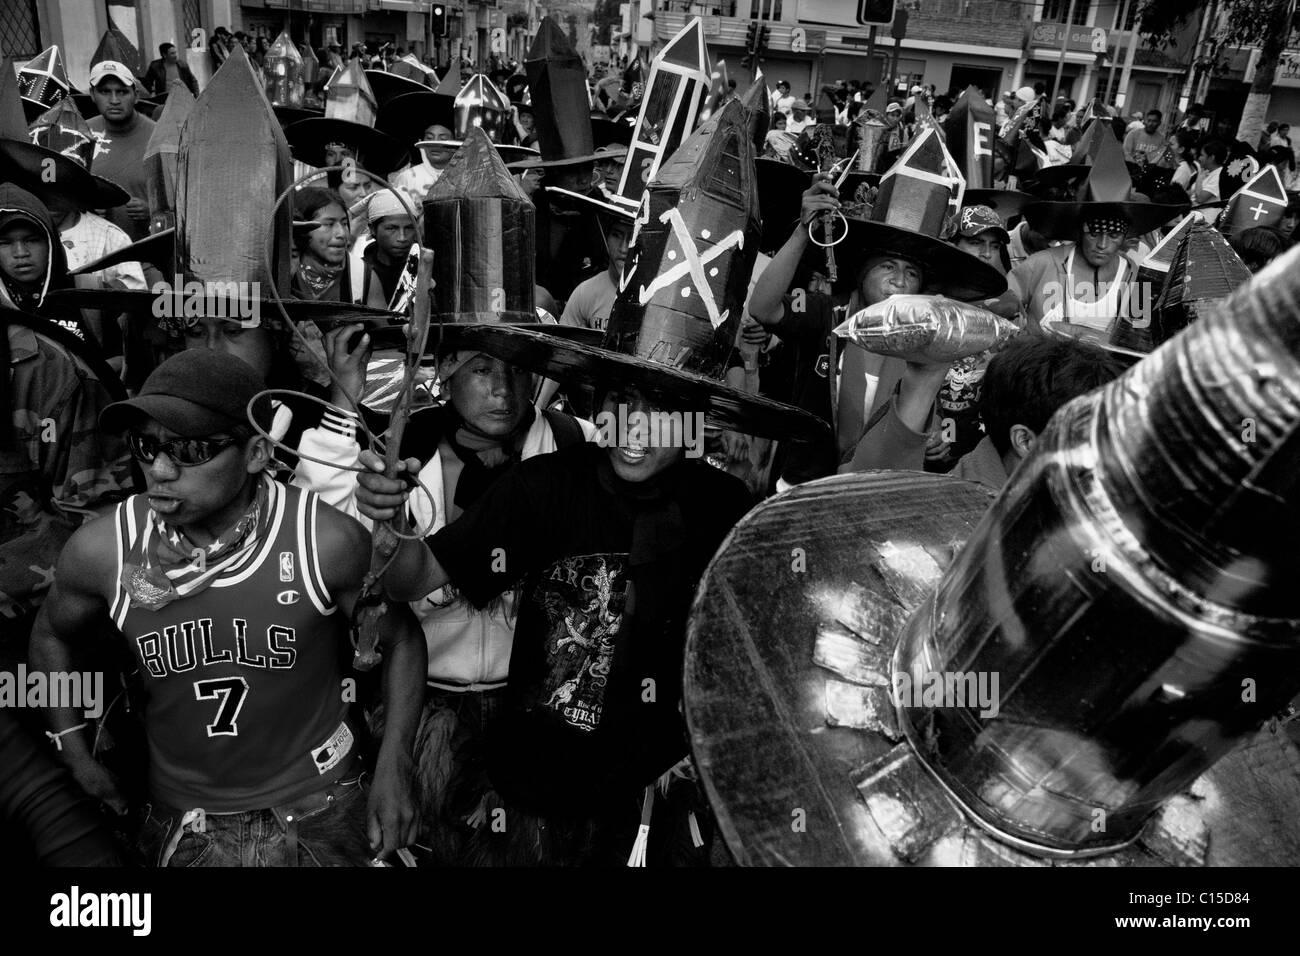 Indianer, tragen schwarze Pappe Hüte, Tanzen und Schreien heftig während des Inti Raymi Festlichkeiten Stockbild